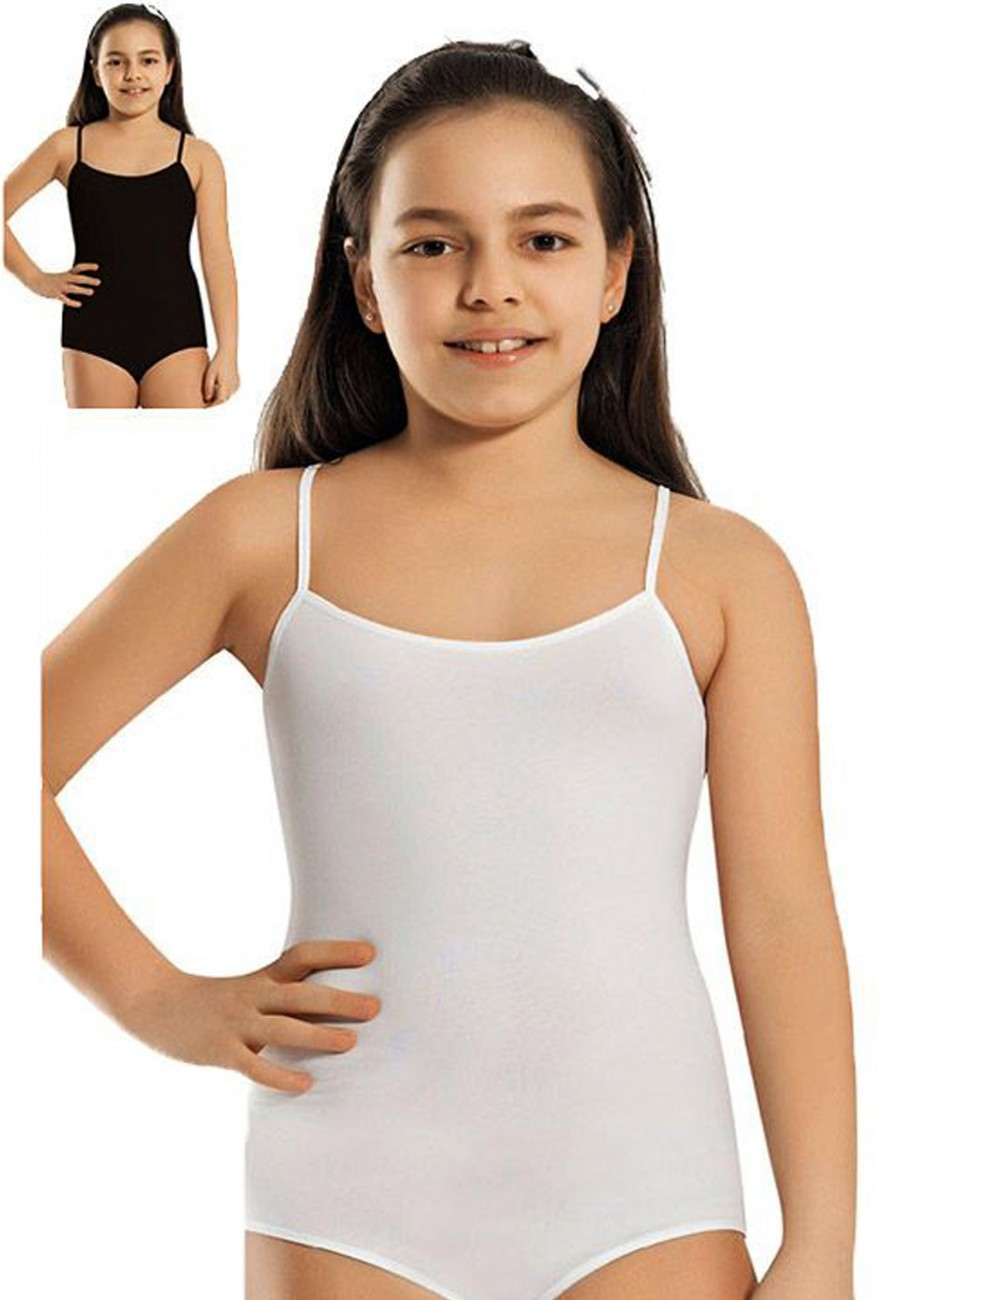 Βαμβακερό Κορμάκι με λεπτή τιραντα για κορίτσια 4 έως 12 ετών-461 5e2426563ac